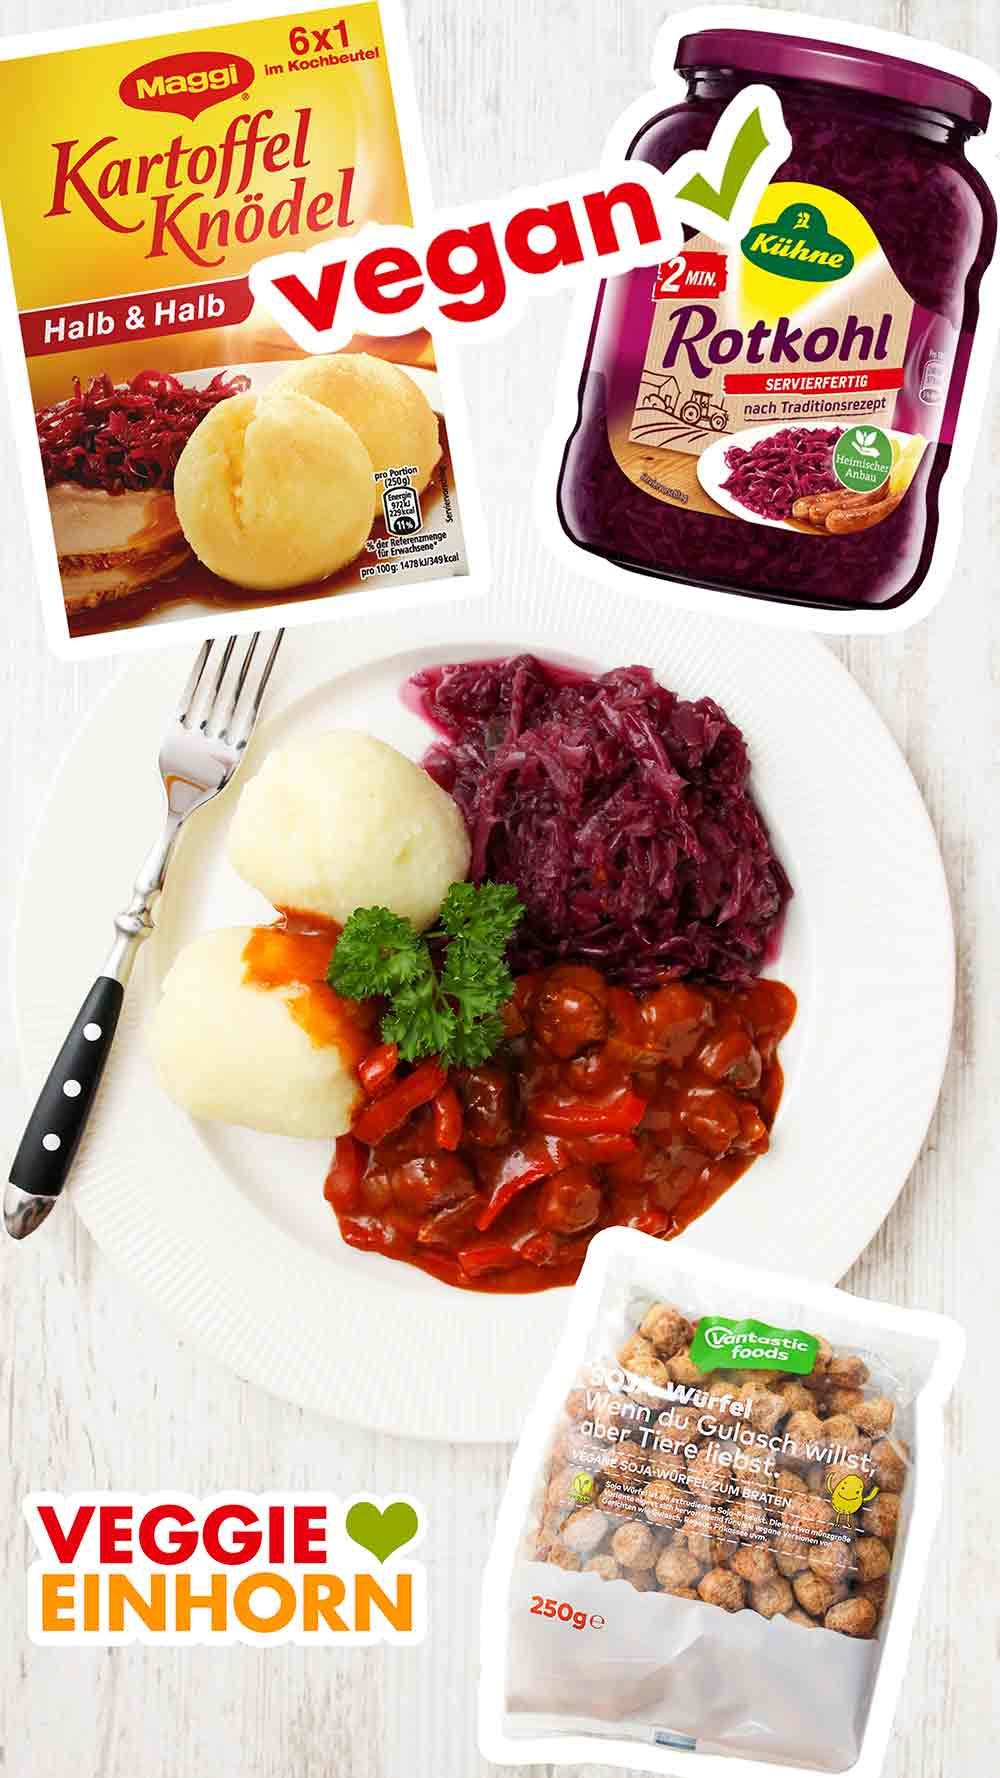 Ein Teller mit veganem Gulasch, veganen Knödeln und Rotkohl